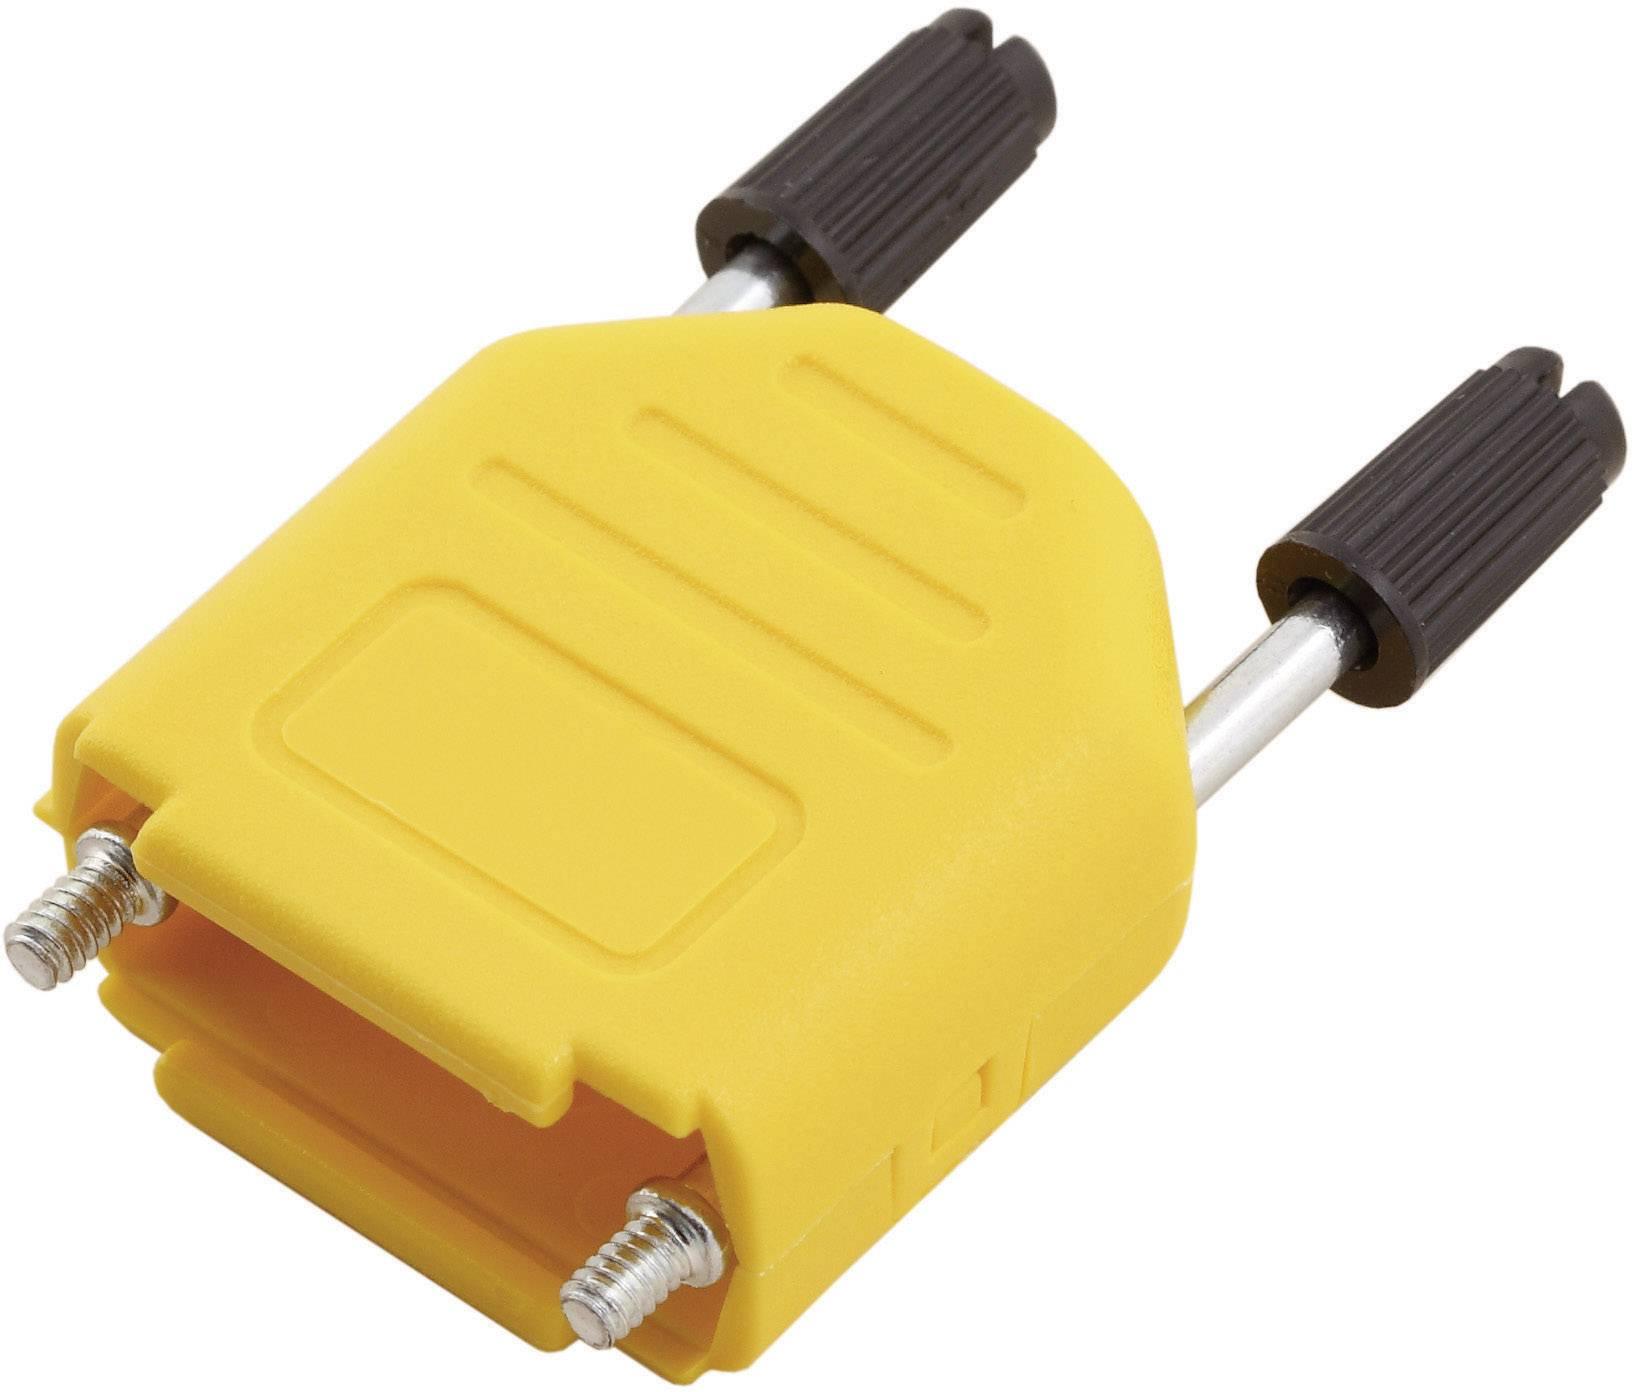 D-SUB pouzdro MH Connectors MHDPPK09-Y-K, Pólů: 9, plast, 180 °, žlutá, 1 ks